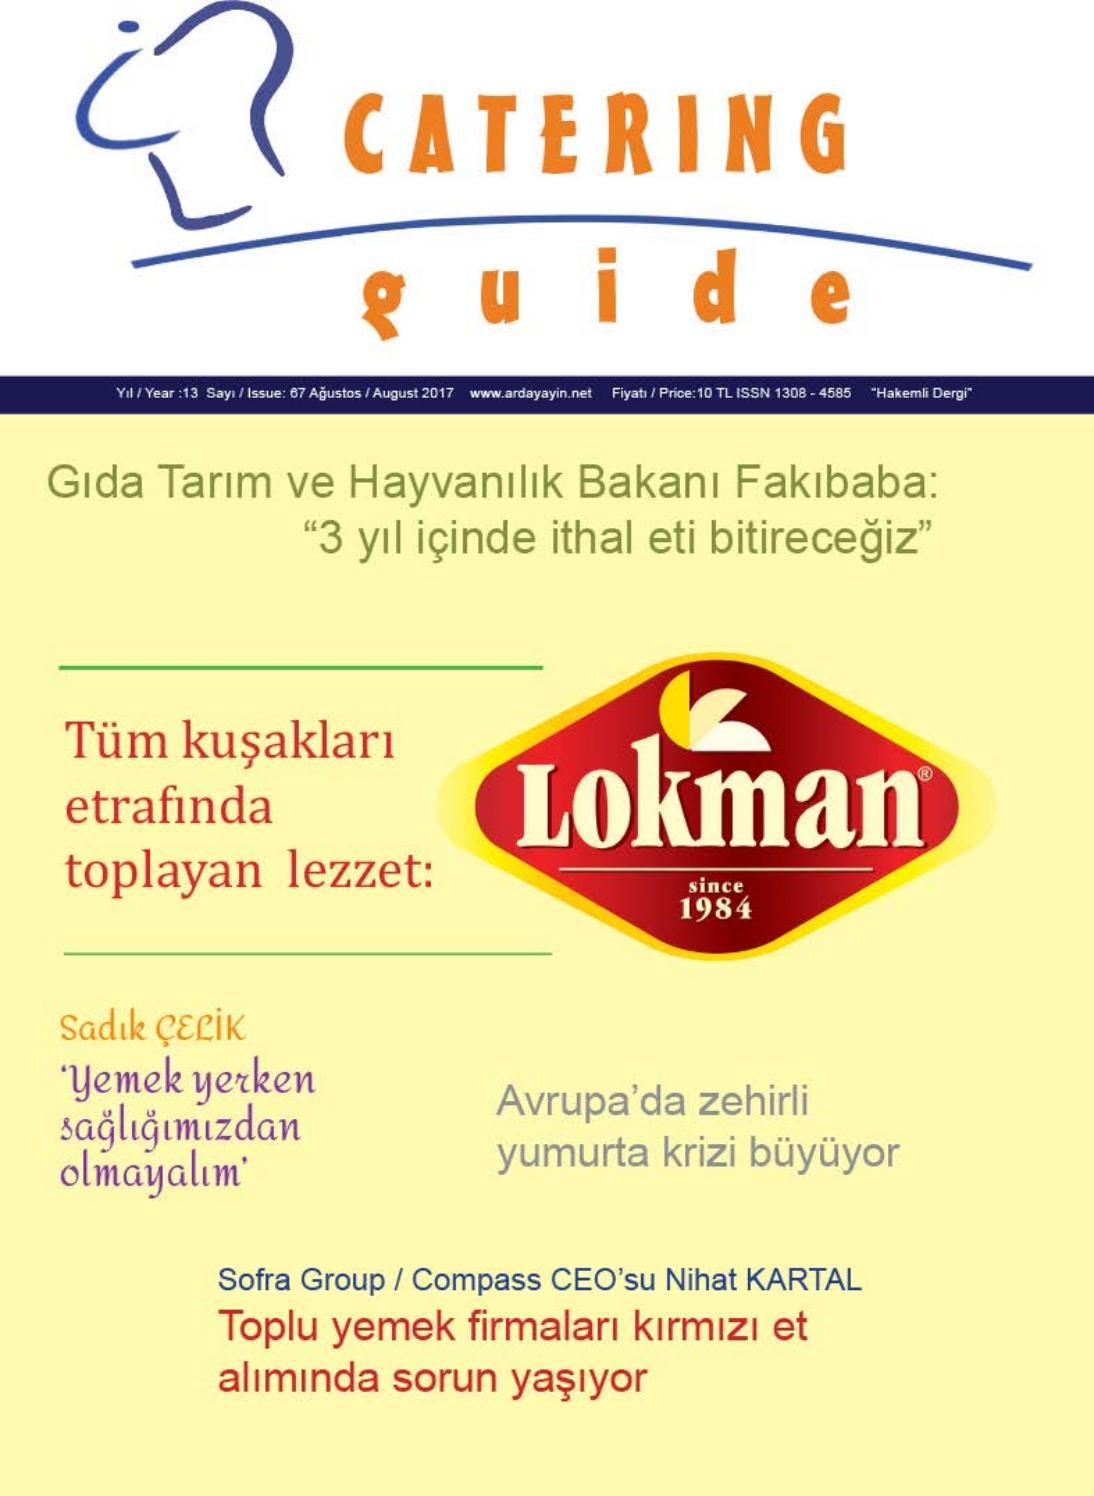 Gut hastalığı et yemek ile Etiketlenen Konular